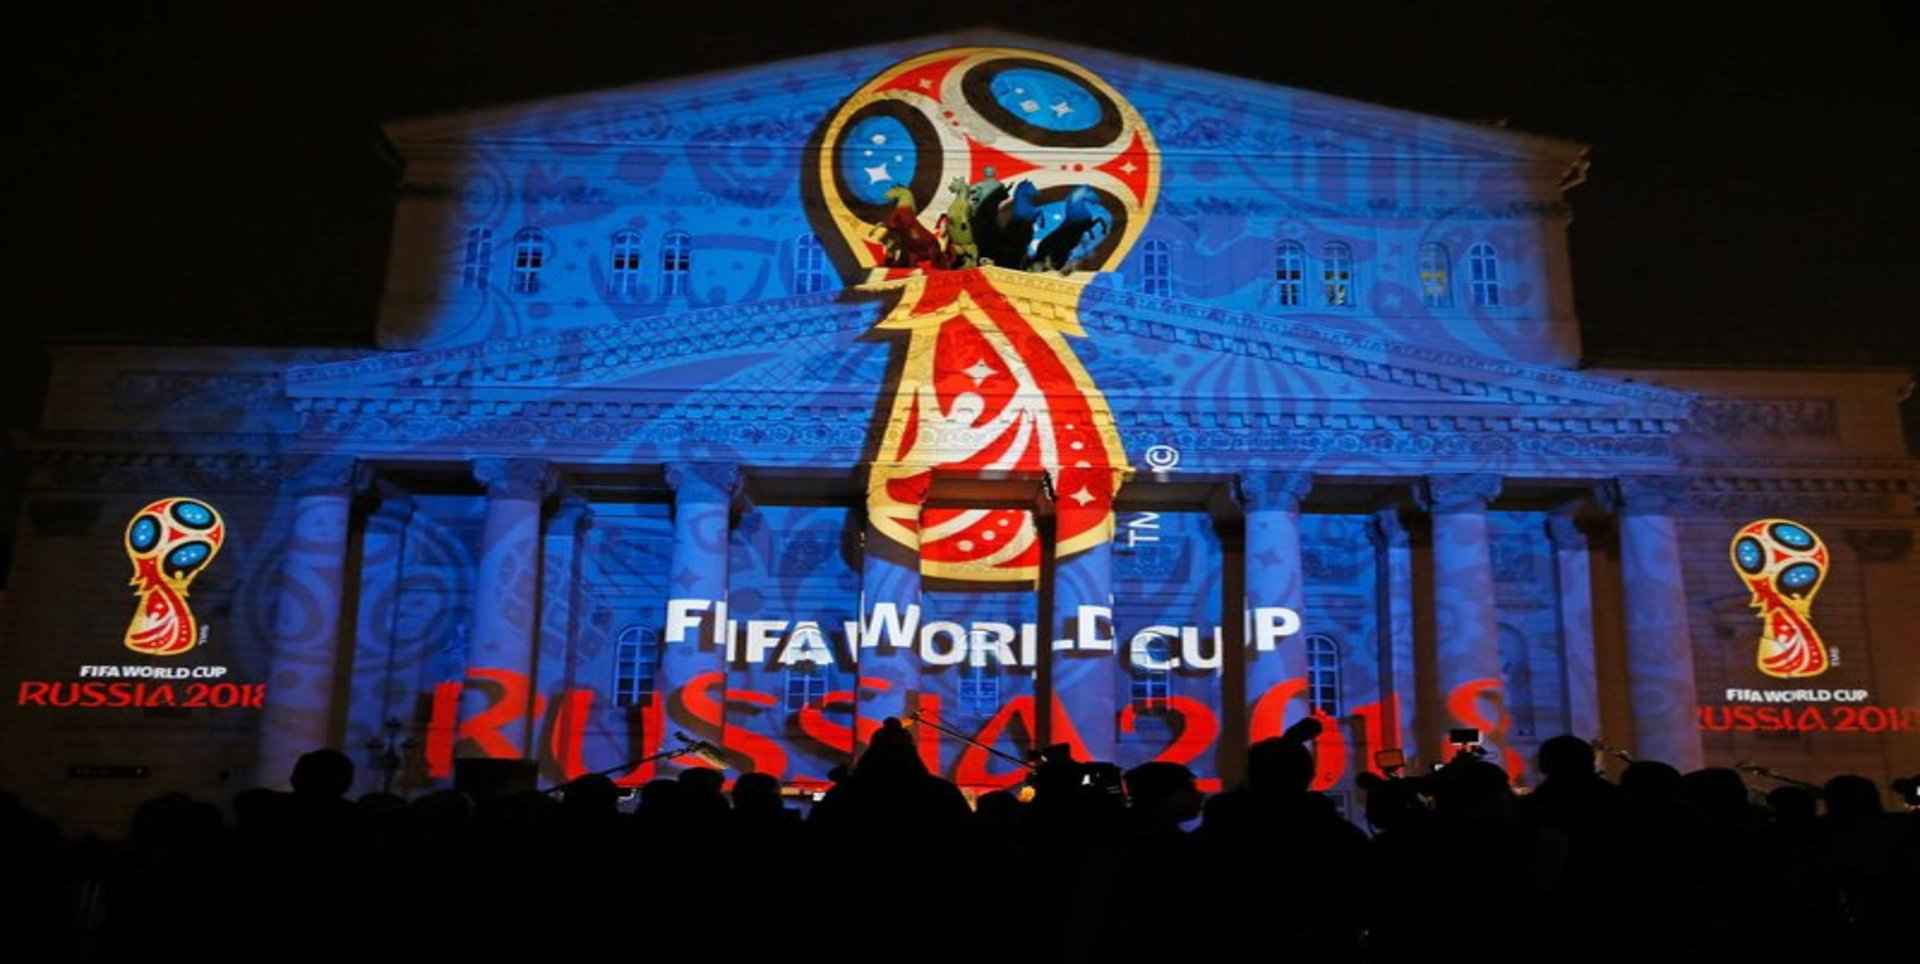 Gold Cup Third Quarter Final Live